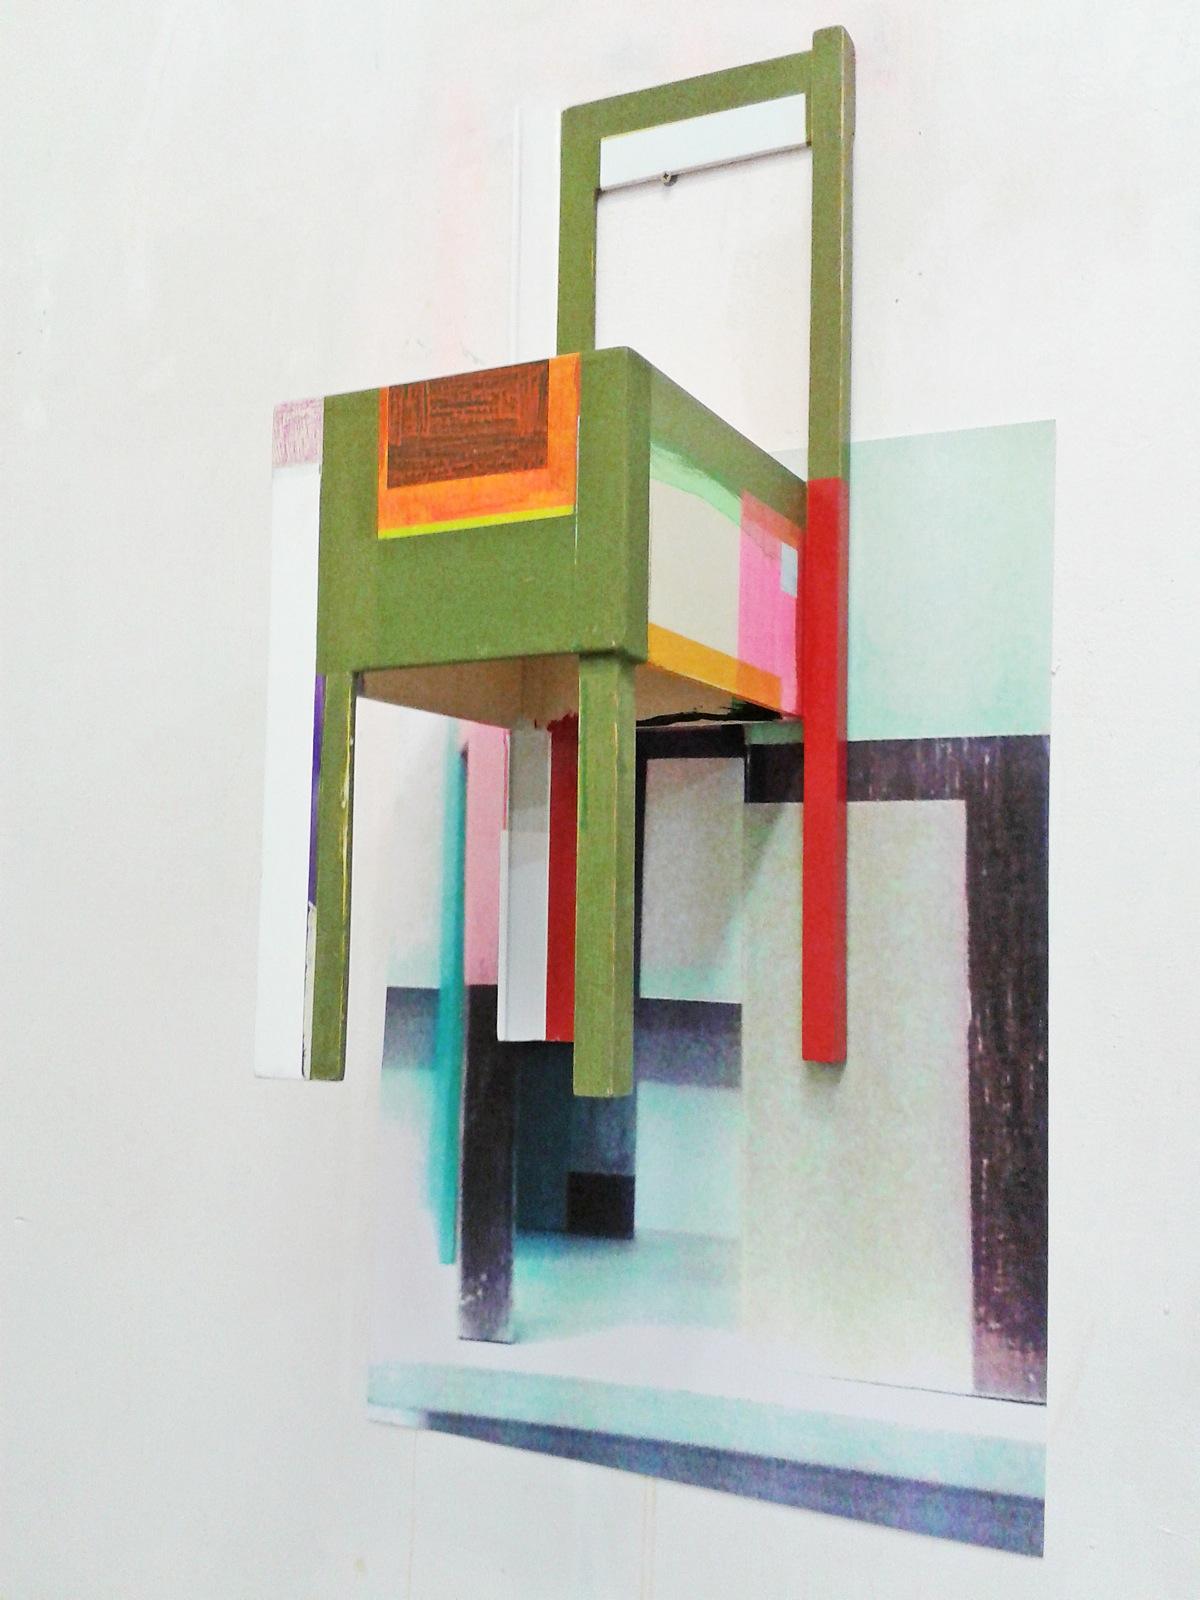 Installation mit Sitzskulptur und Plakat